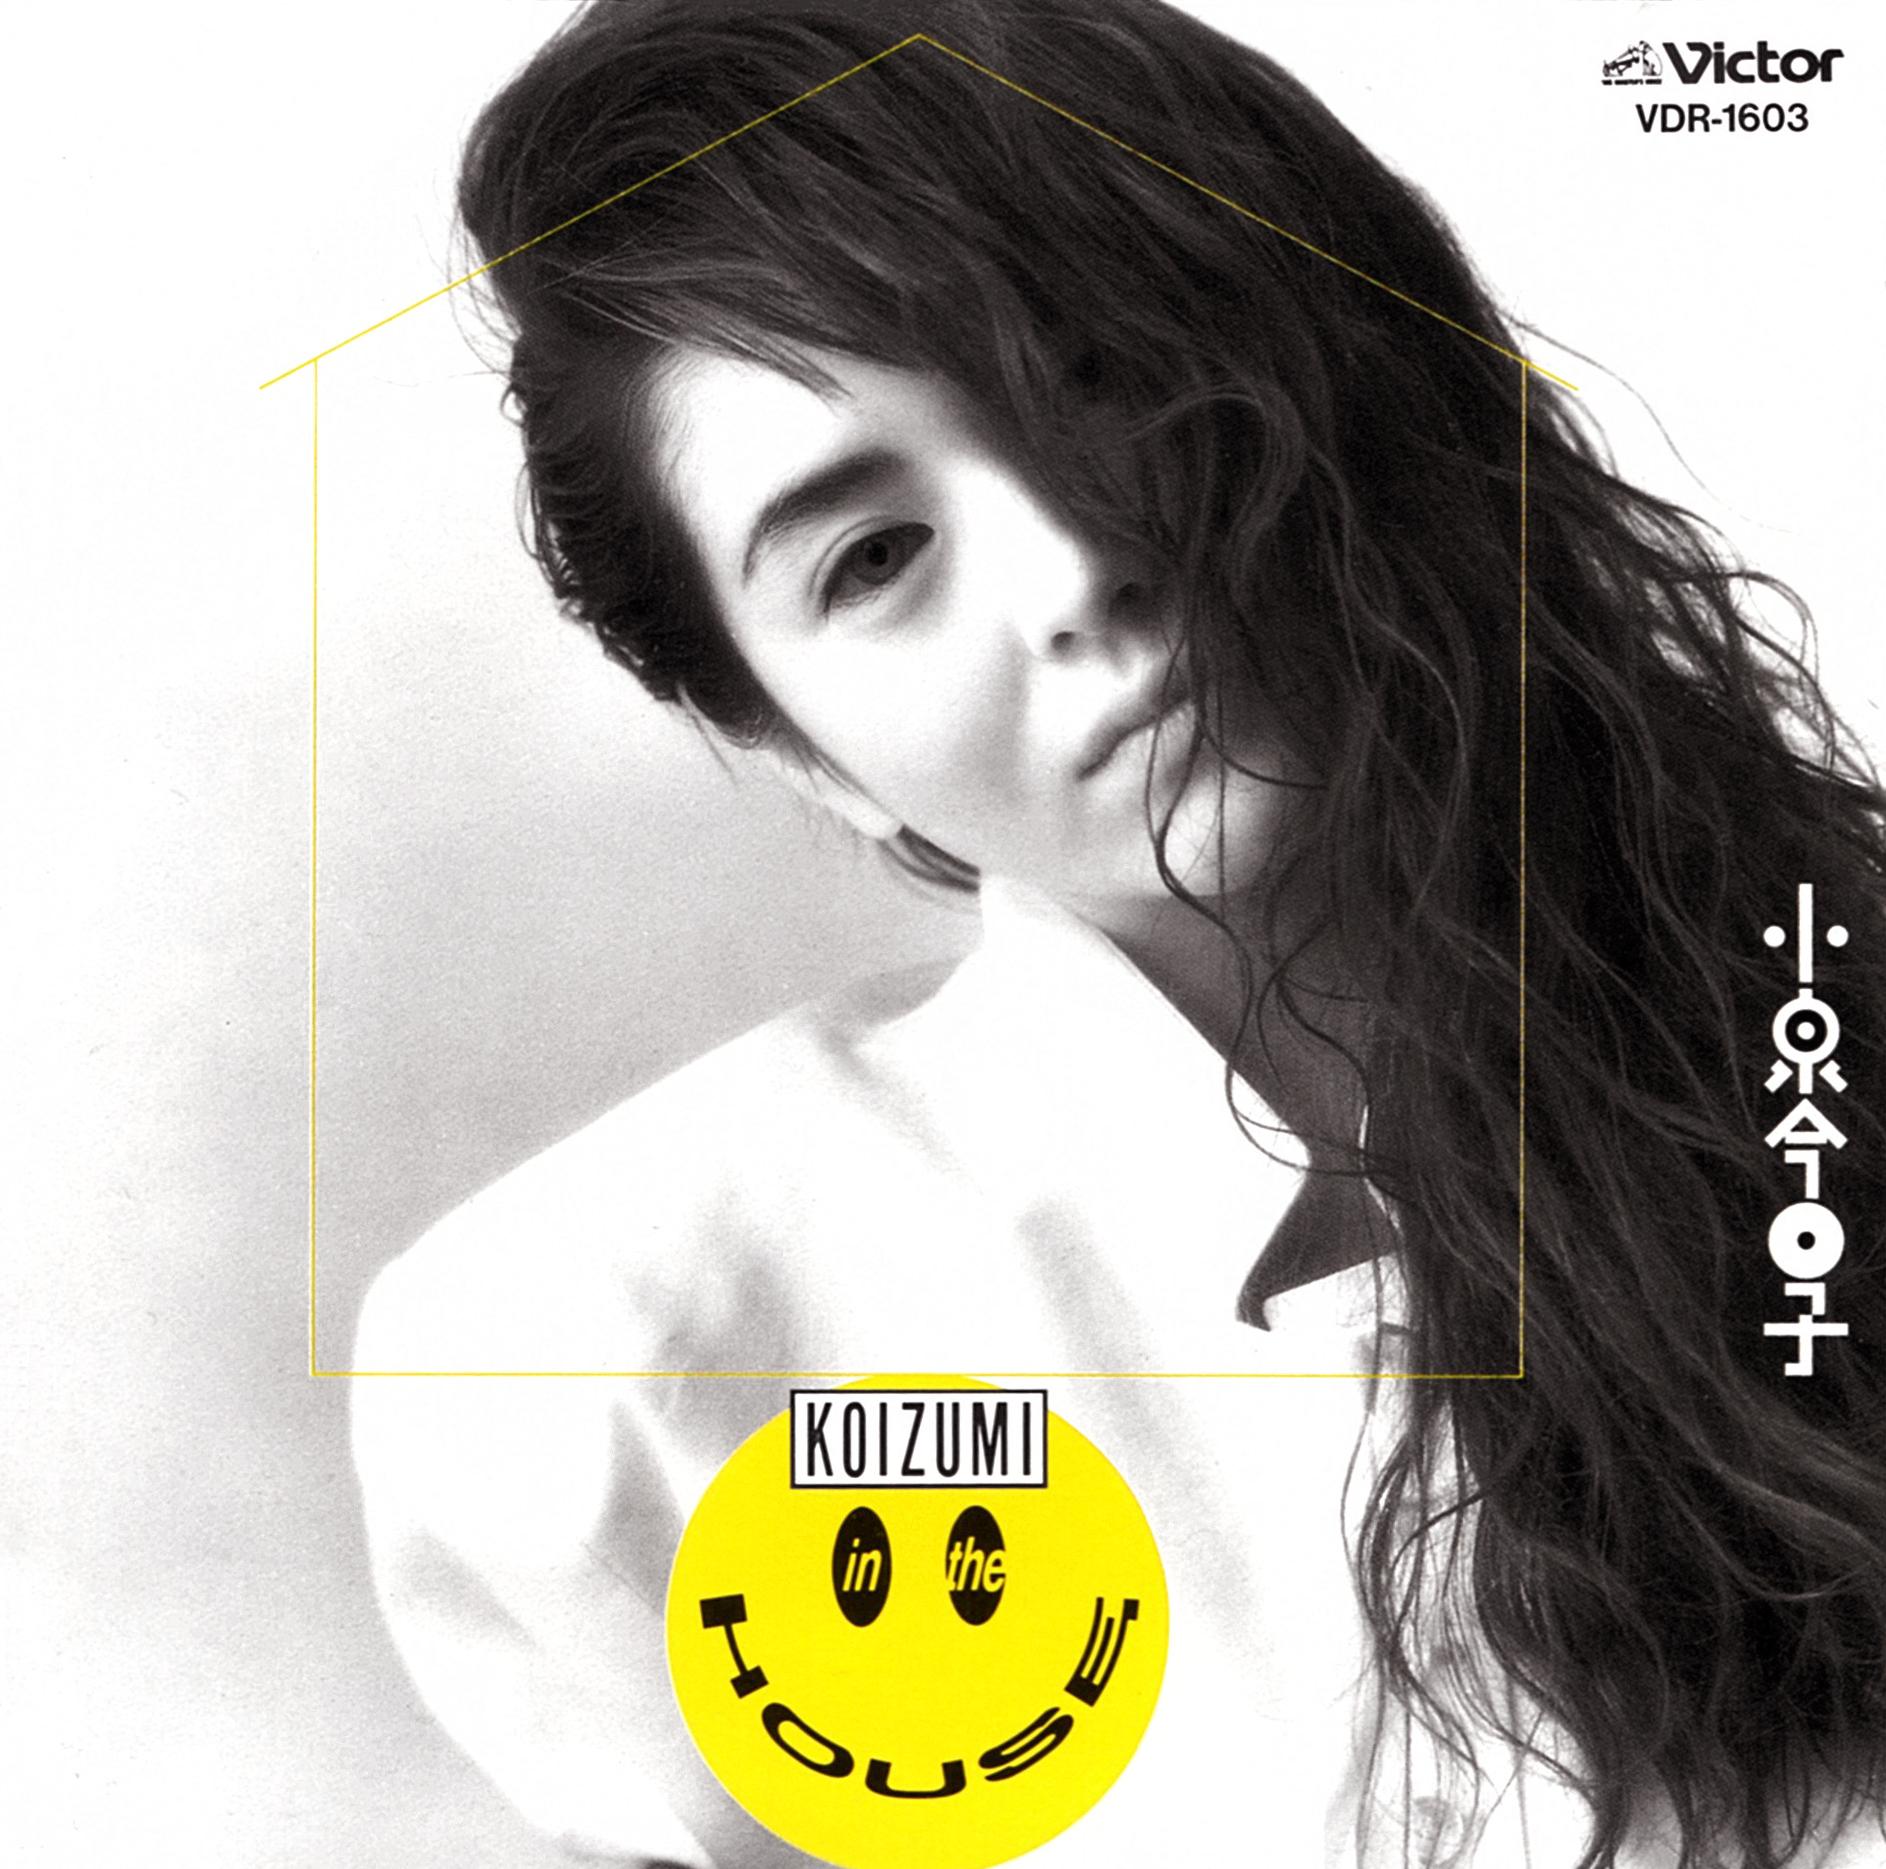 小泉今日子 (こいずみきょうこ) アルバム『KOIZUMI IN THE THE HOUSE』(1989年5月21日発売) 高画質CDジャケット画像